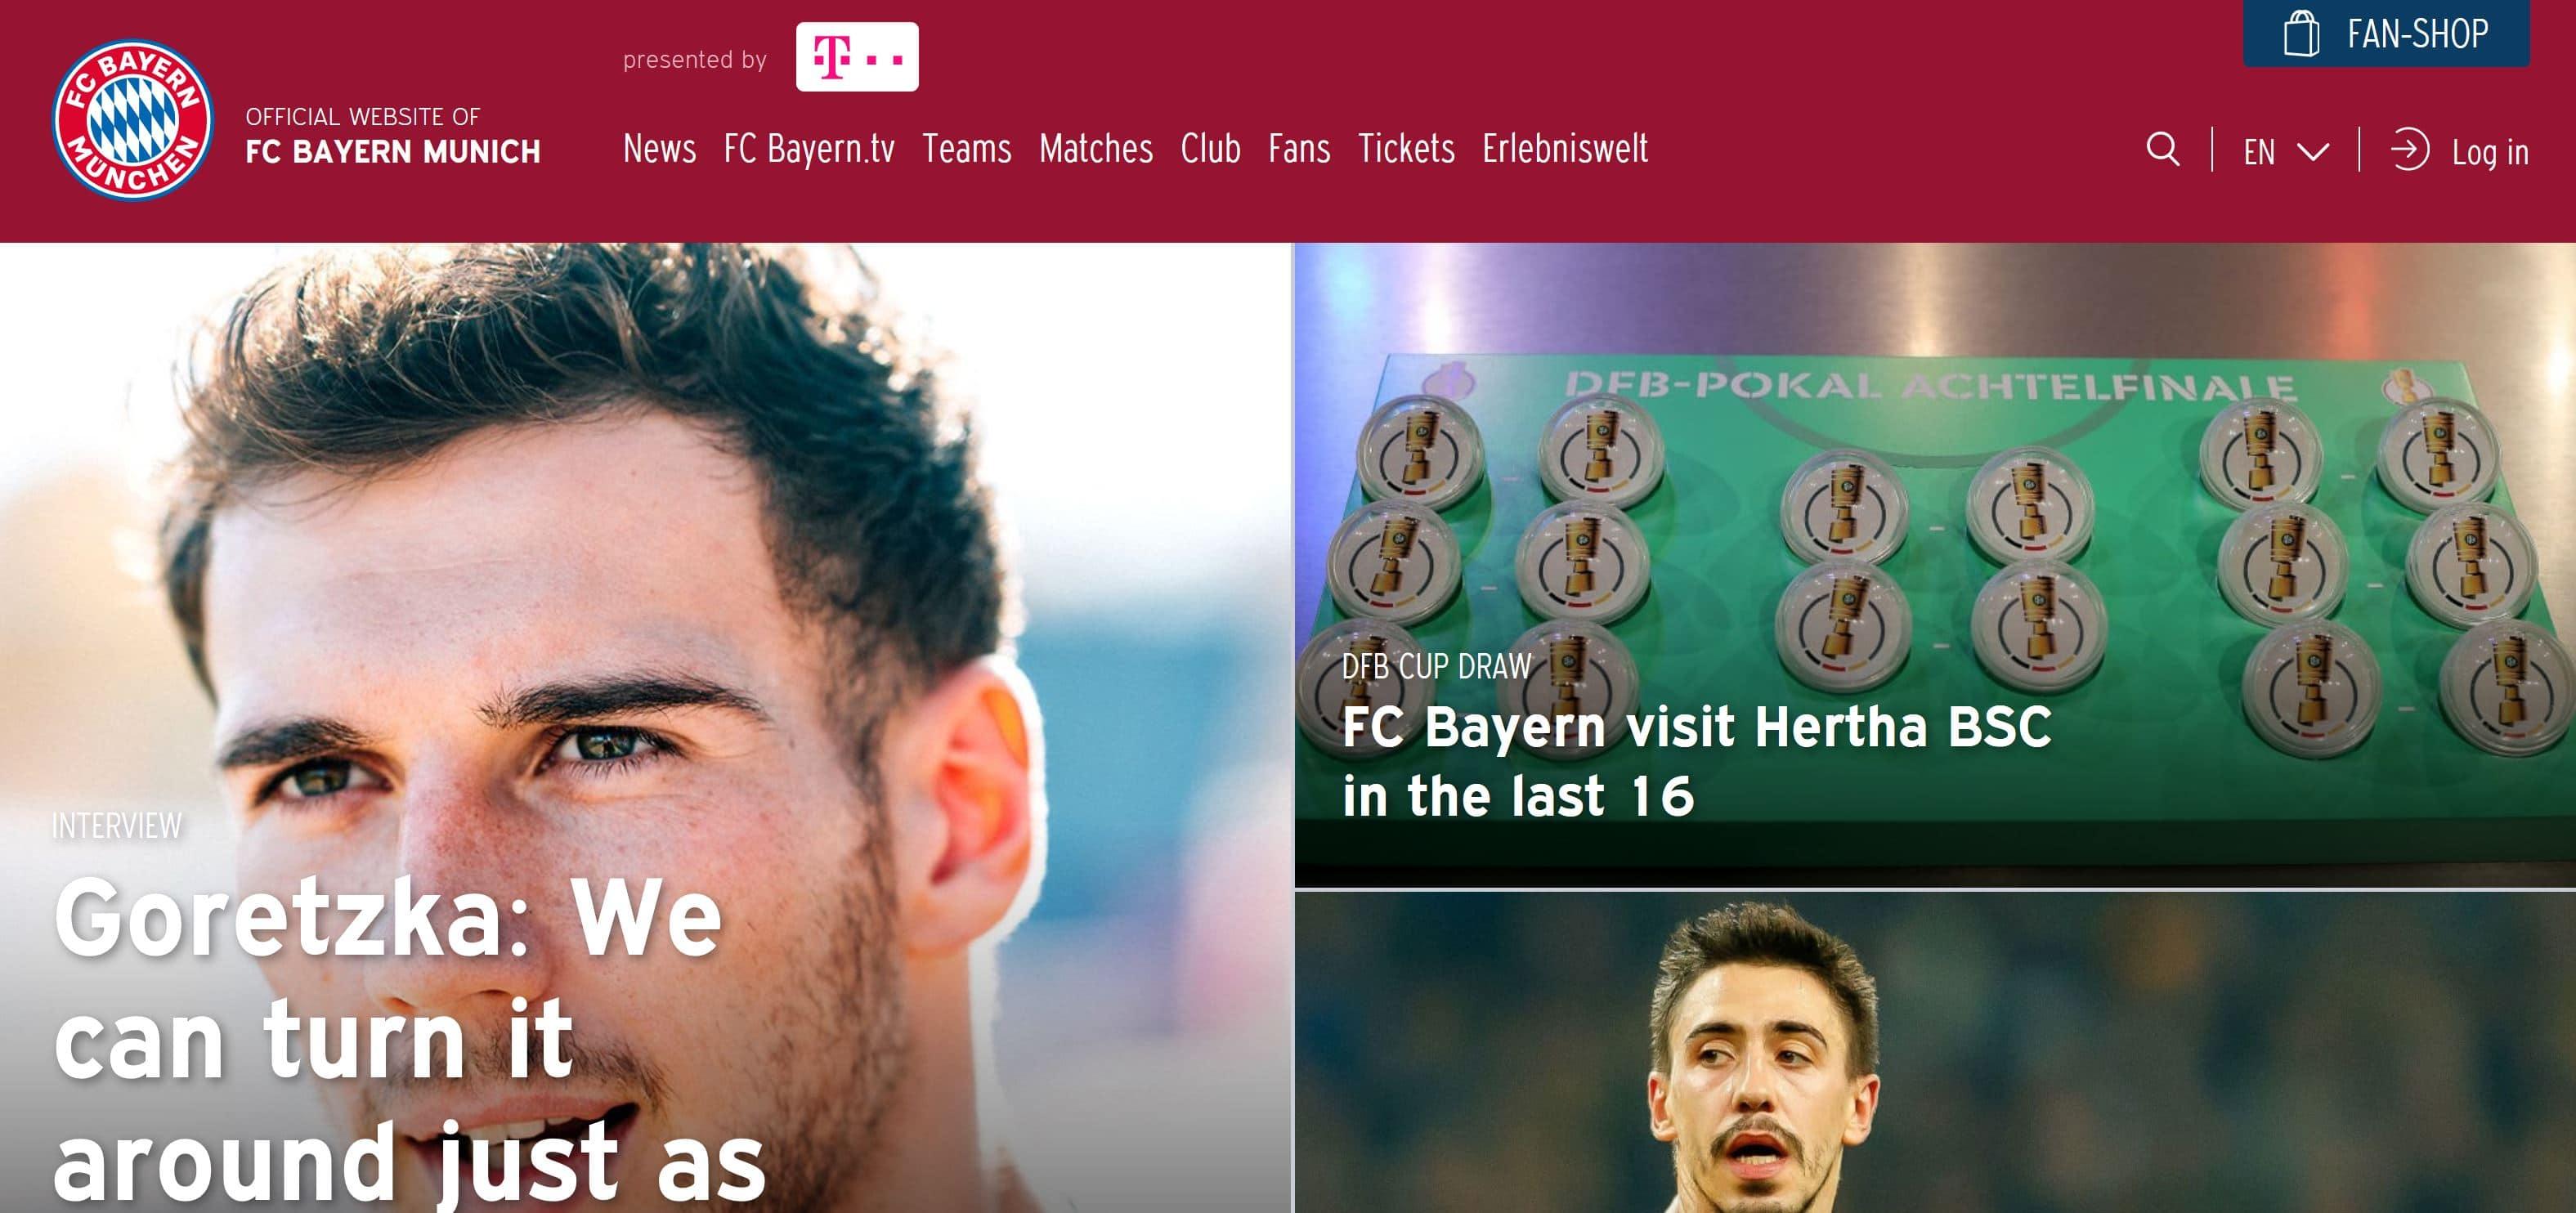 Screenshot of the FC Bayern standard homepage